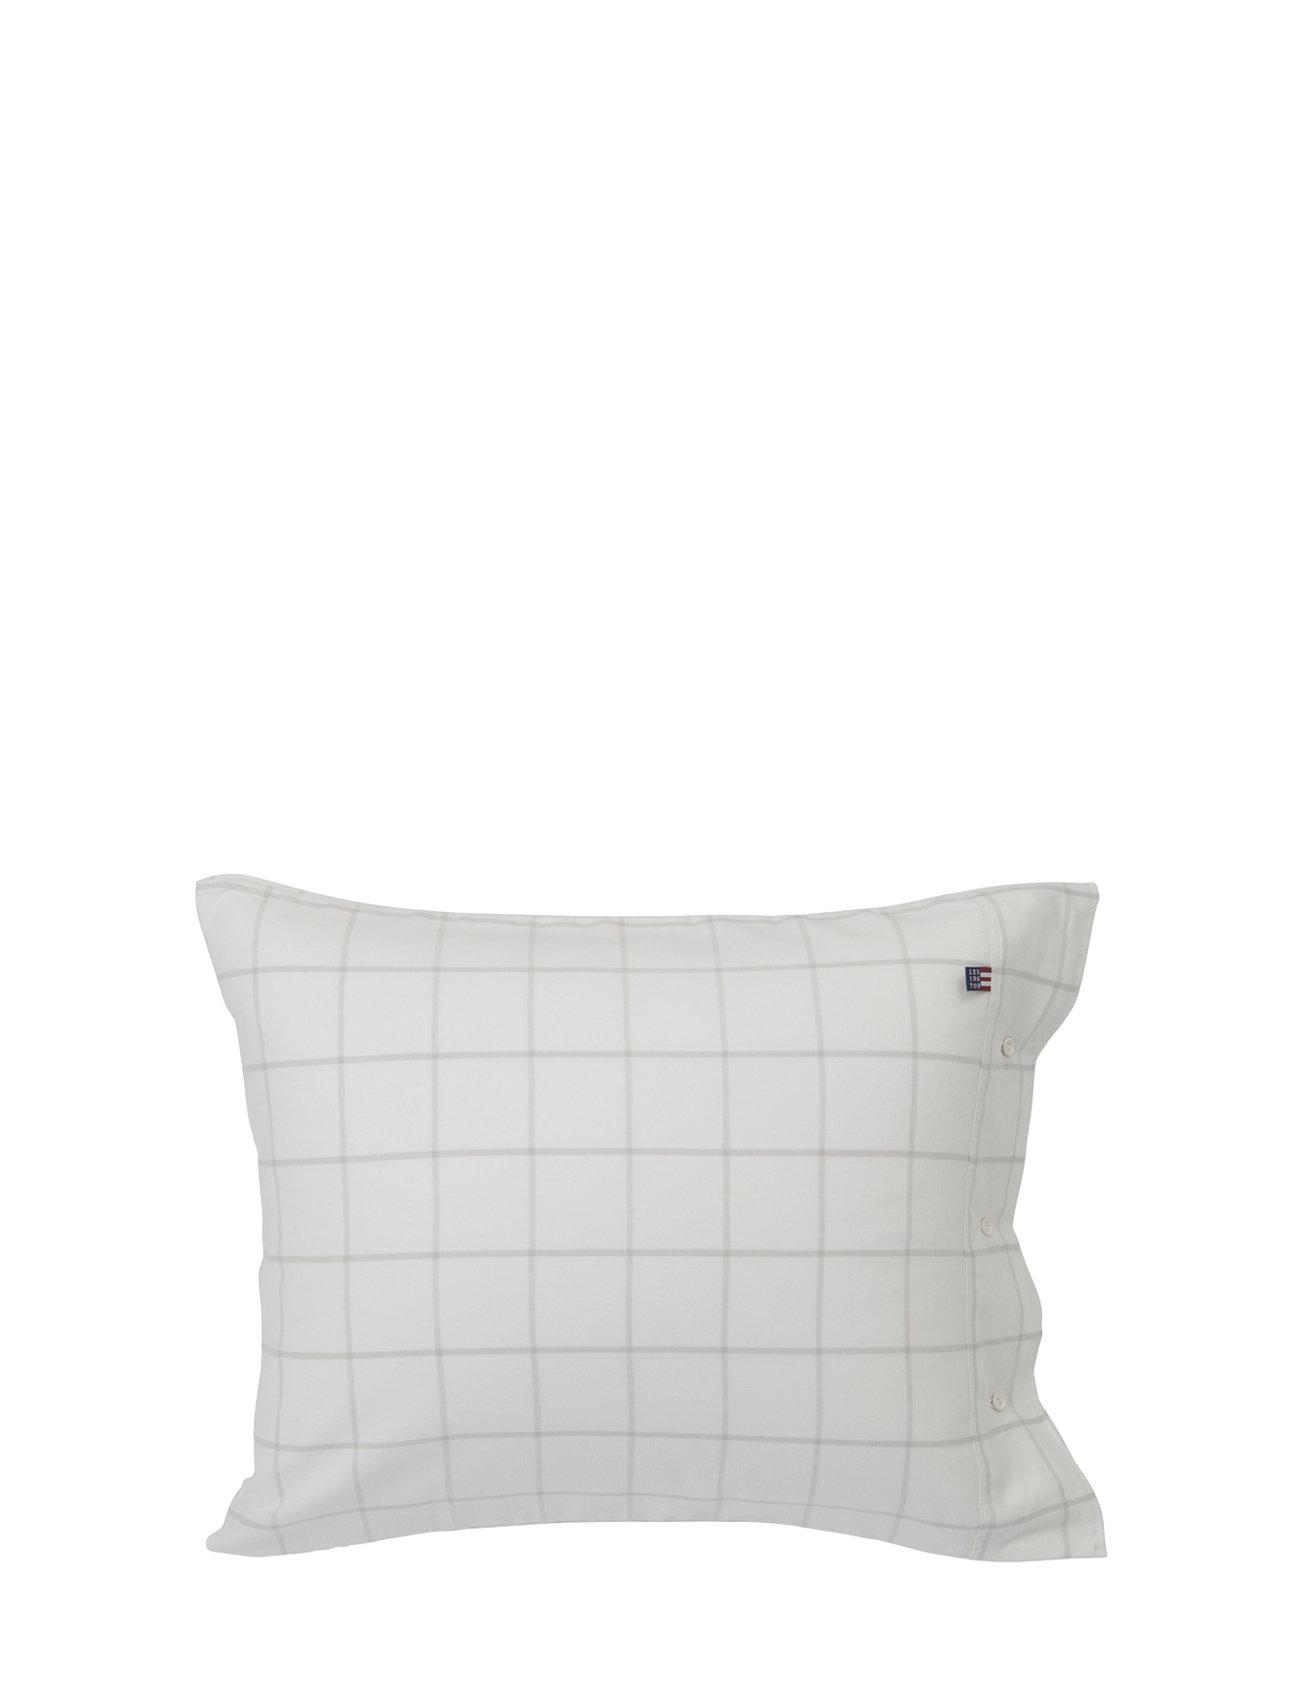 Lexington Home Hotel Light Flannel White/Lt Beige Pillowcase - WHITE/LT BEIGE